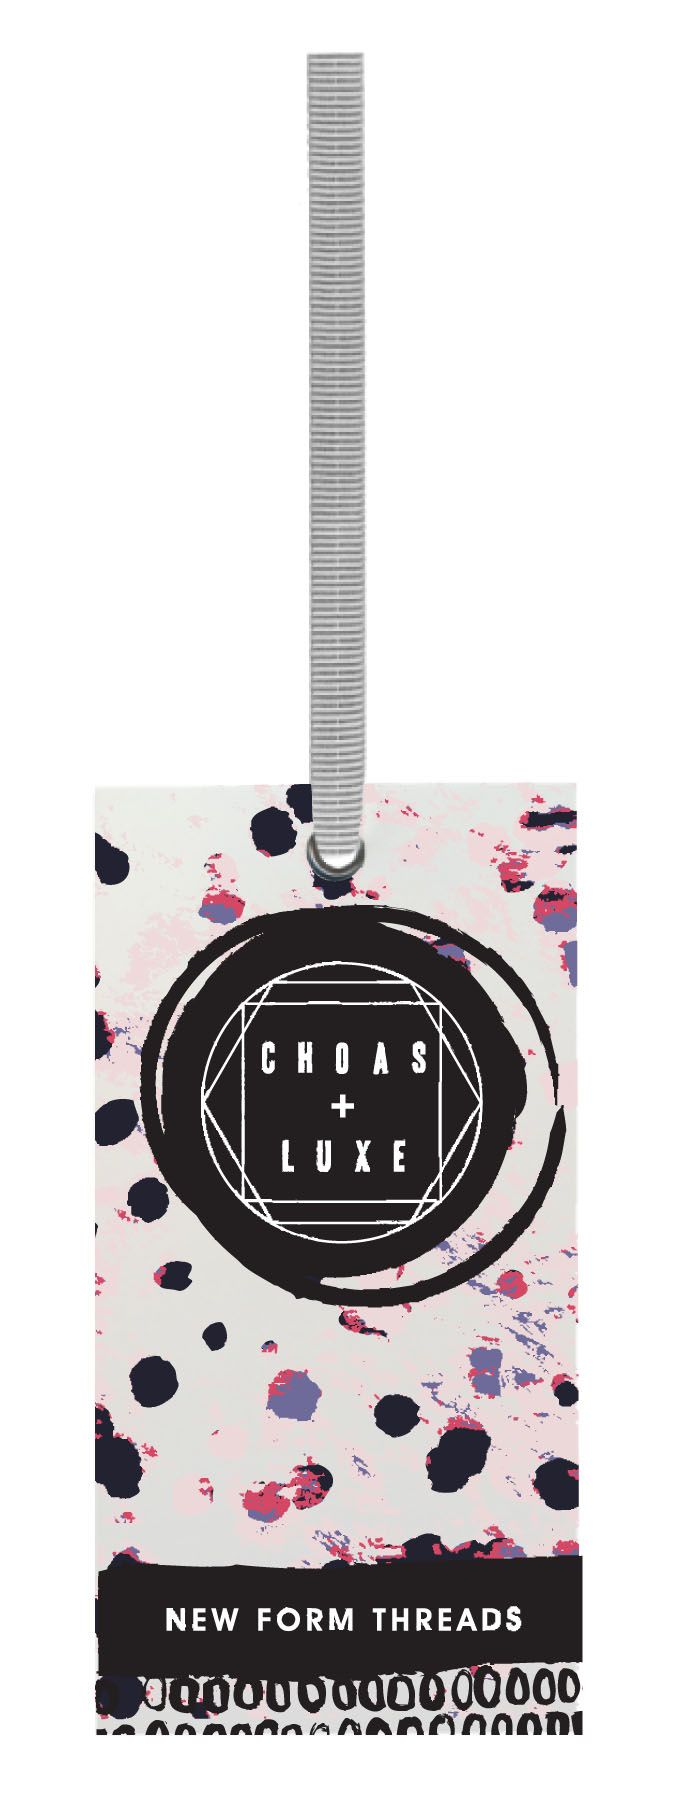 Choas & Luxe #hangtag